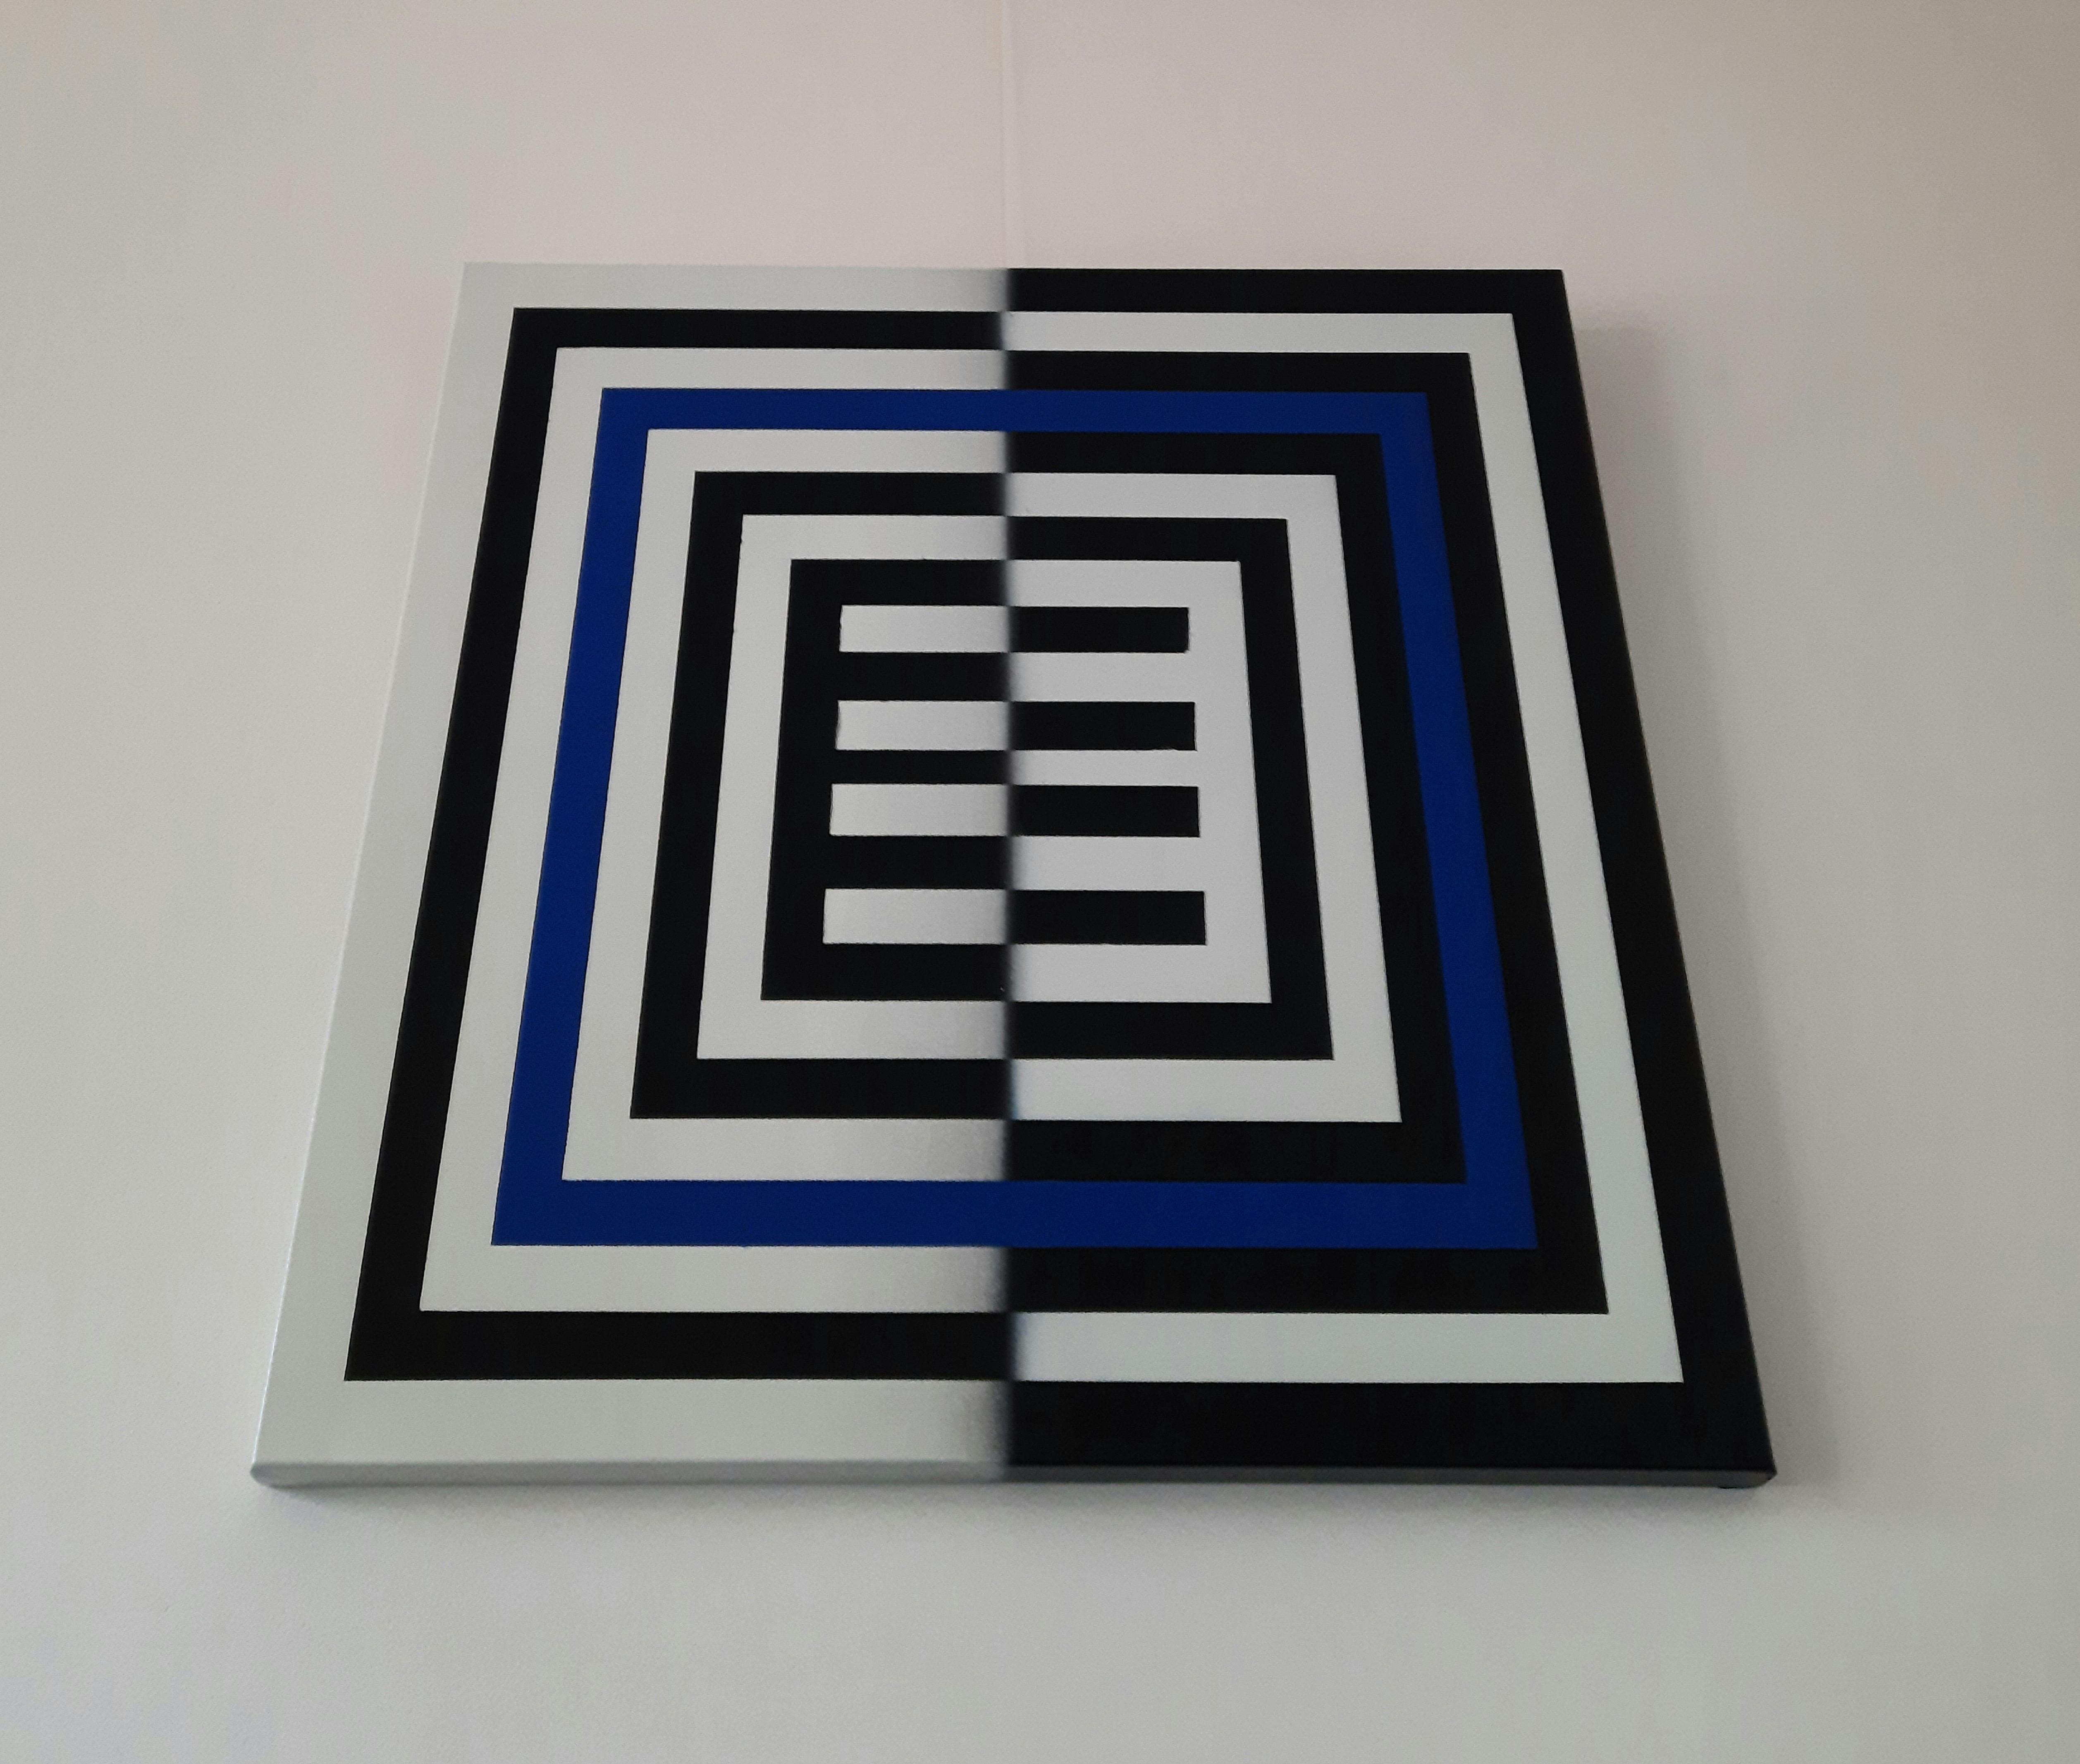 ESONE (PEDRO DENTINHO) 'TAKE THE BLUE PILL' - 2021-ORIGINAL 1/1 - Image 5 of 5